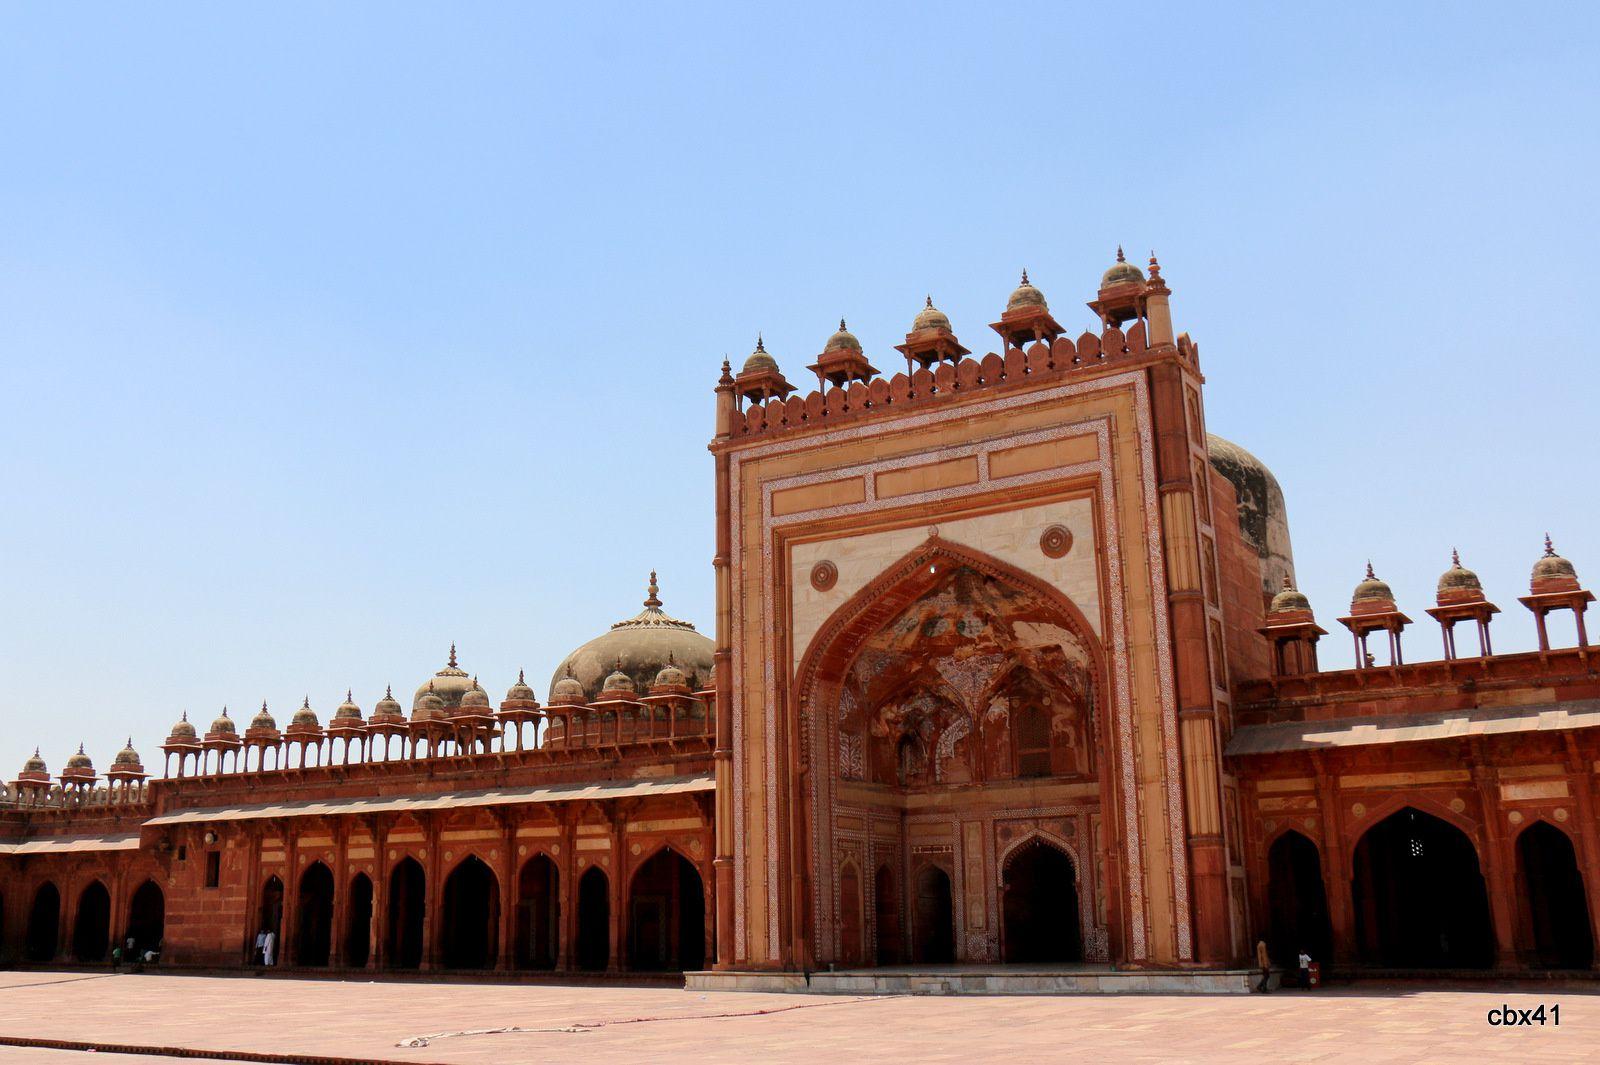 Mosquée Jama Masjid (Fatehpur Sikri)